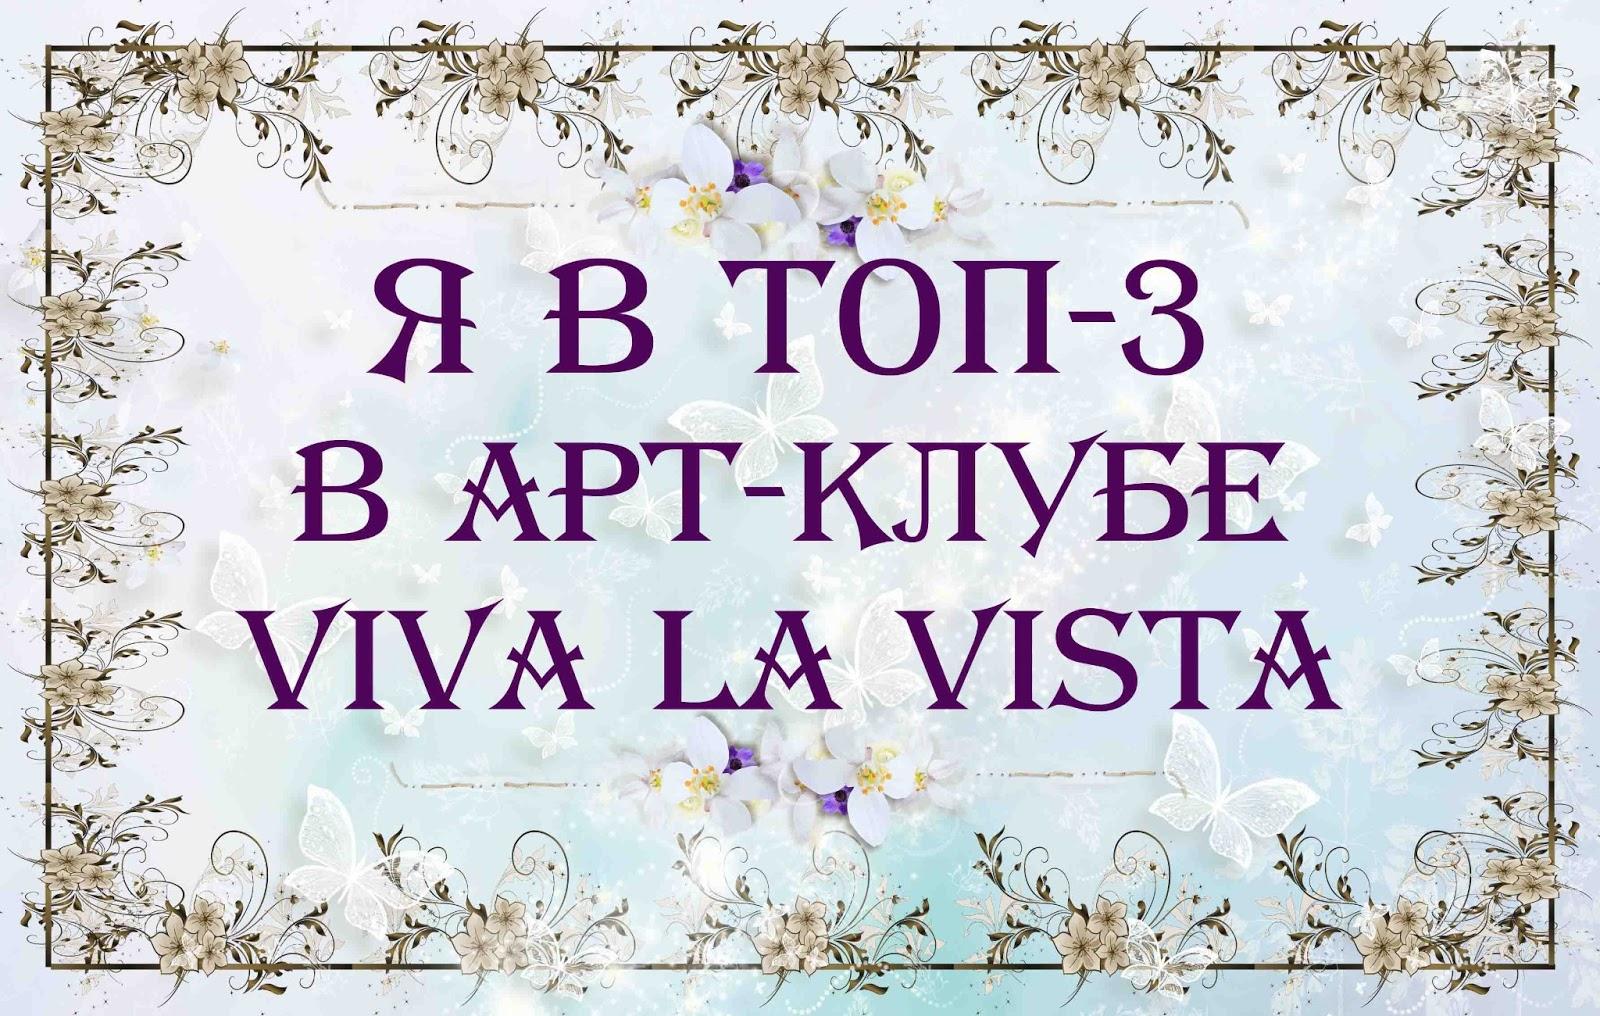 Моя работа в топ 3 в блоге Viva la vista